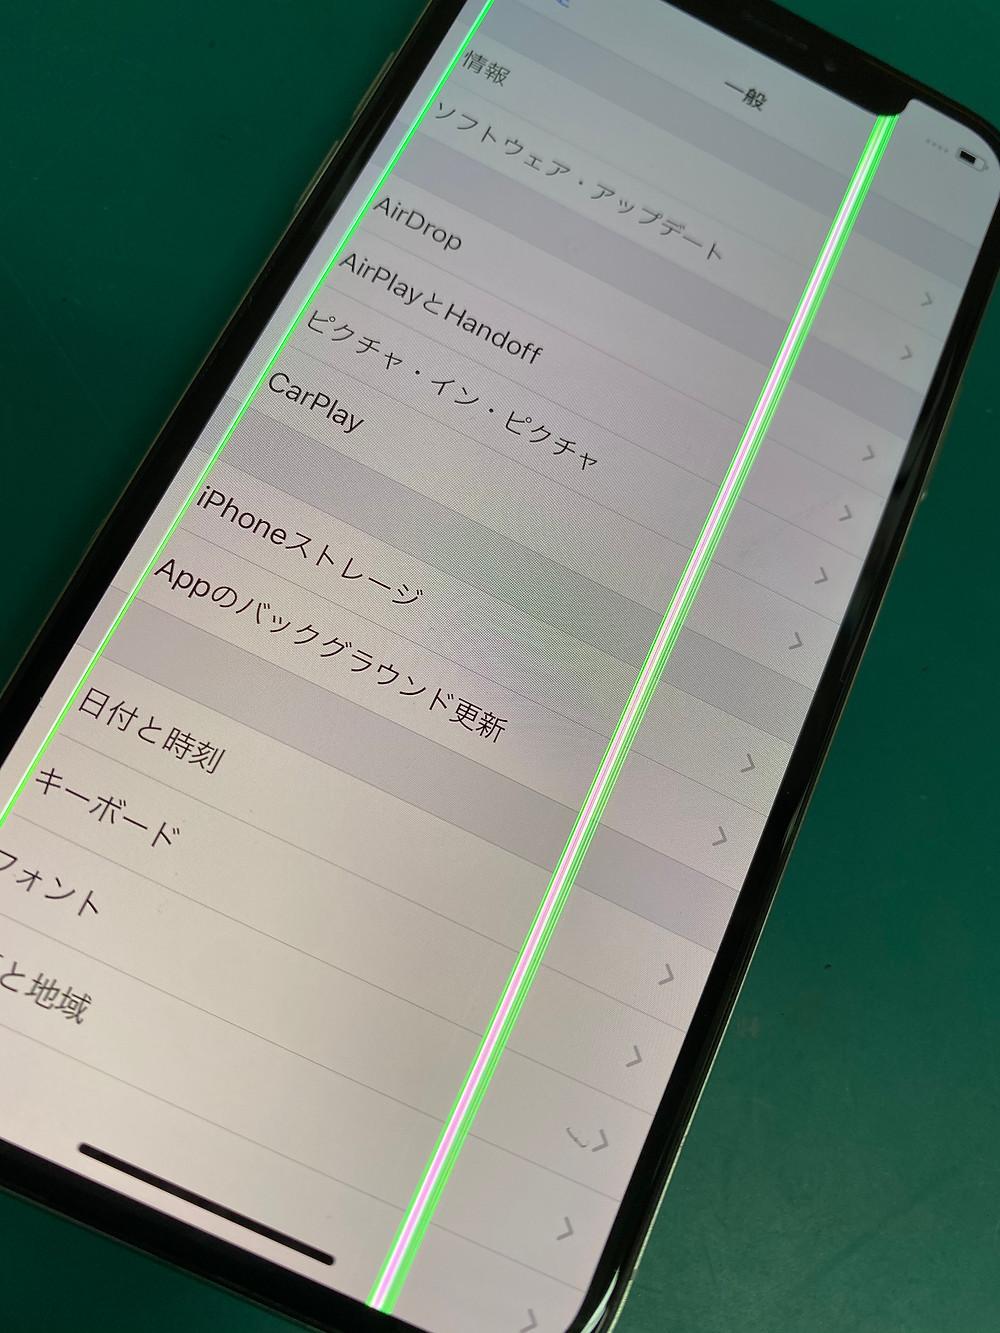 iPhoneを落として画面に縦線!?《iPhone修理 パソコン修理 高岡》